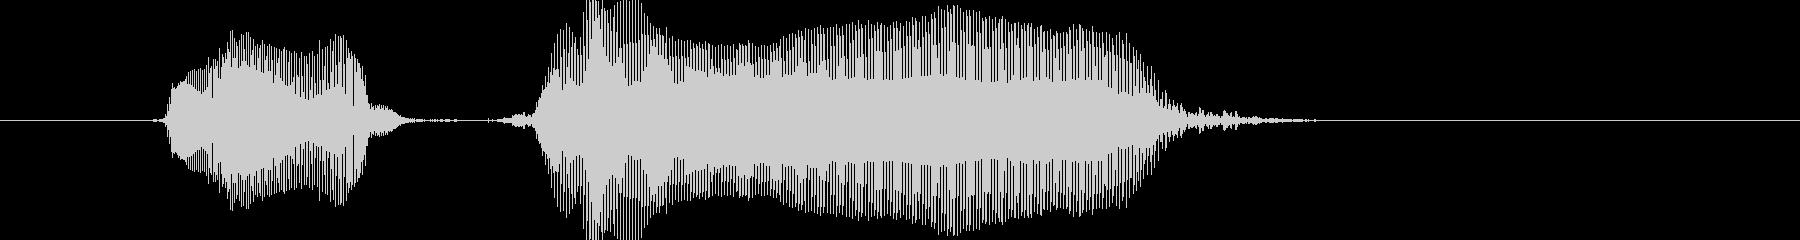 あちゃ〜の未再生の波形